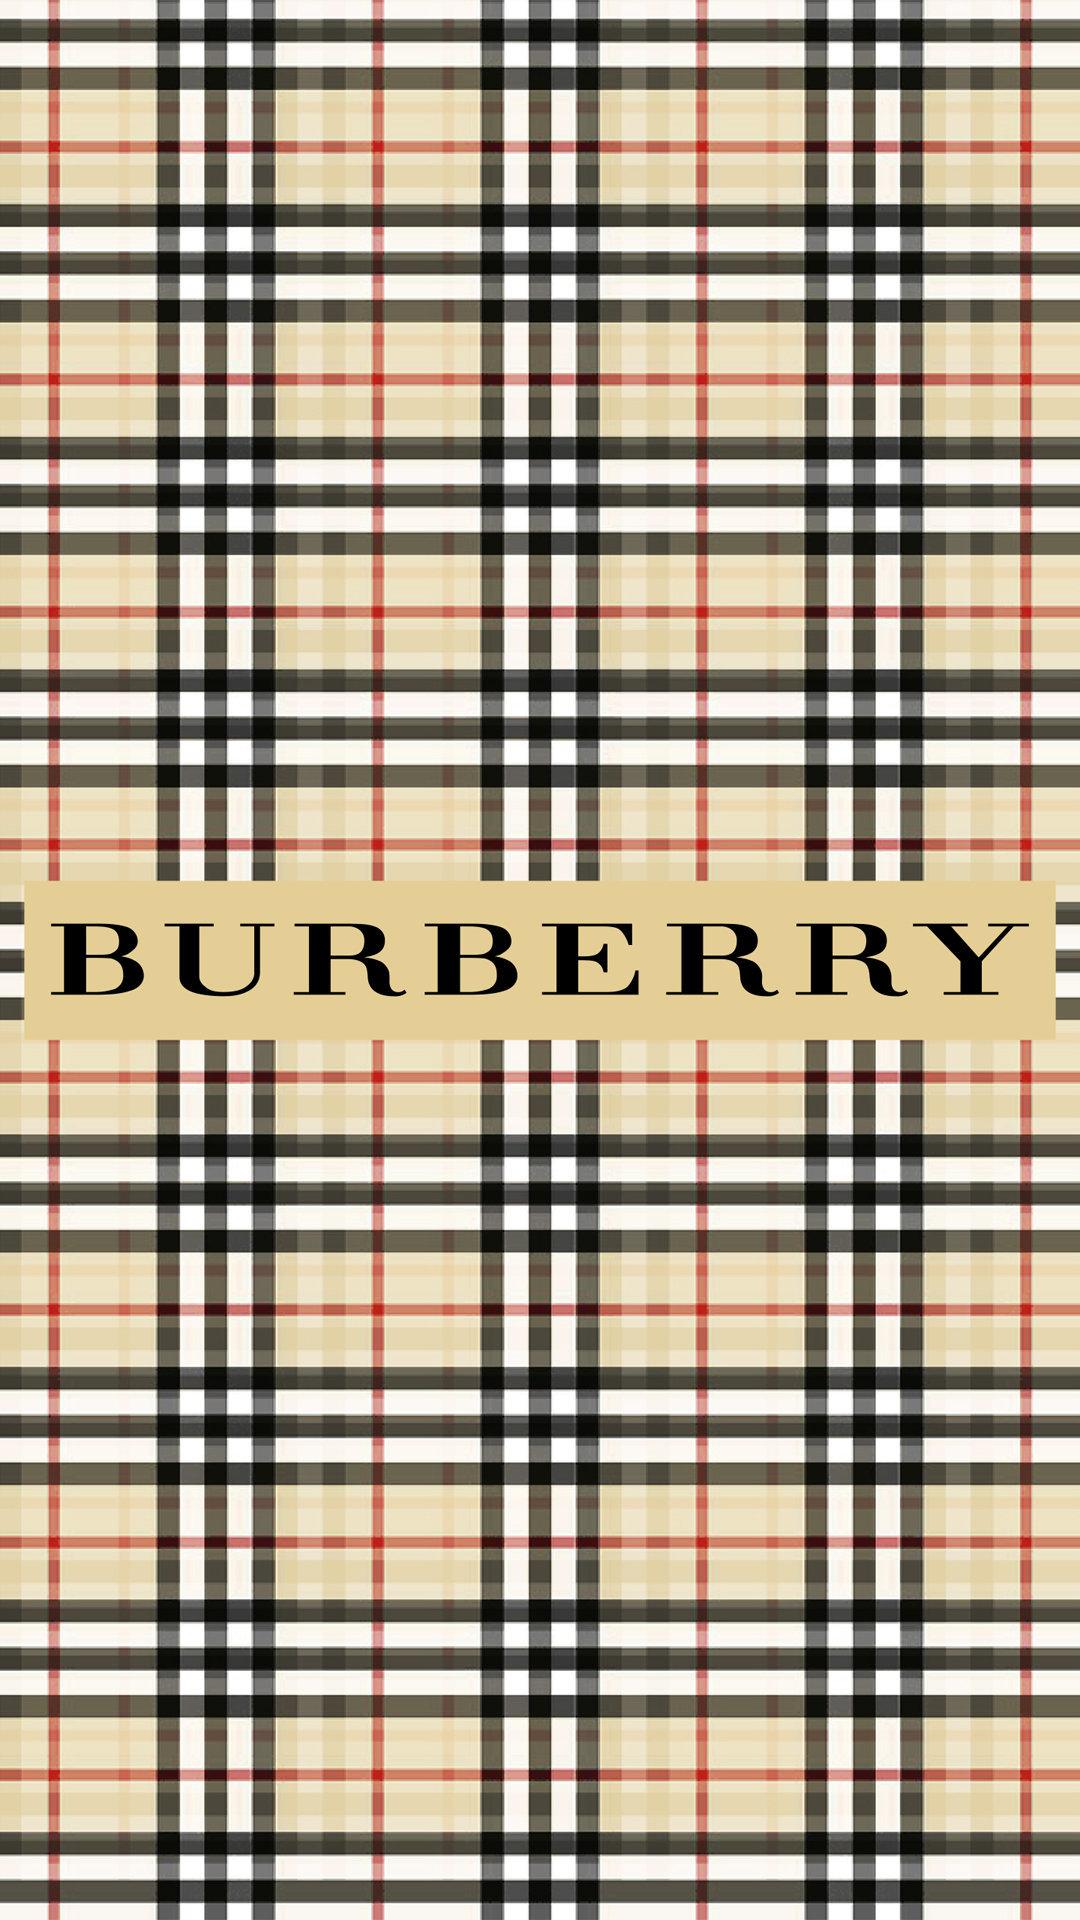 Burberry Pattern Wallpaper - CopEmLegit